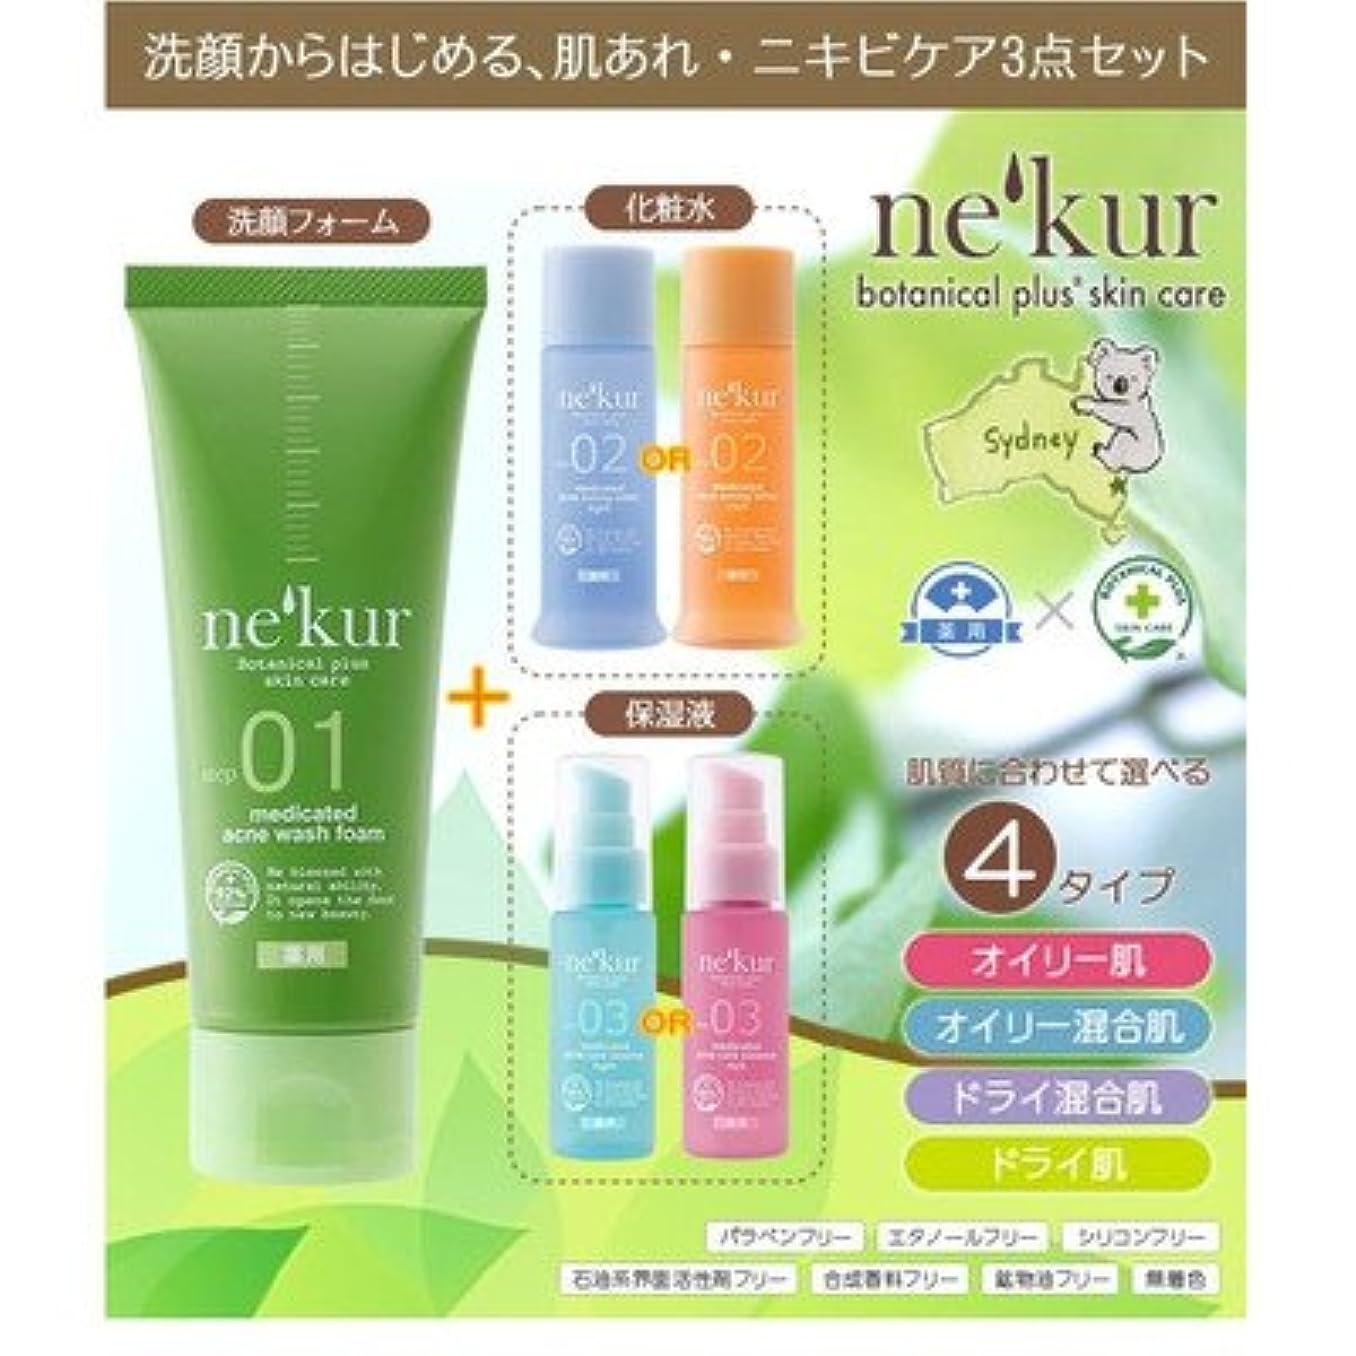 大きさ反動チーズネクア(nekur) ボタニカルプラススキンケア 薬用アクネ洗顔3点セット オイリー肌セット( 画像はイメージ画像です お届けの商品はオイリー肌セットのみとなります)